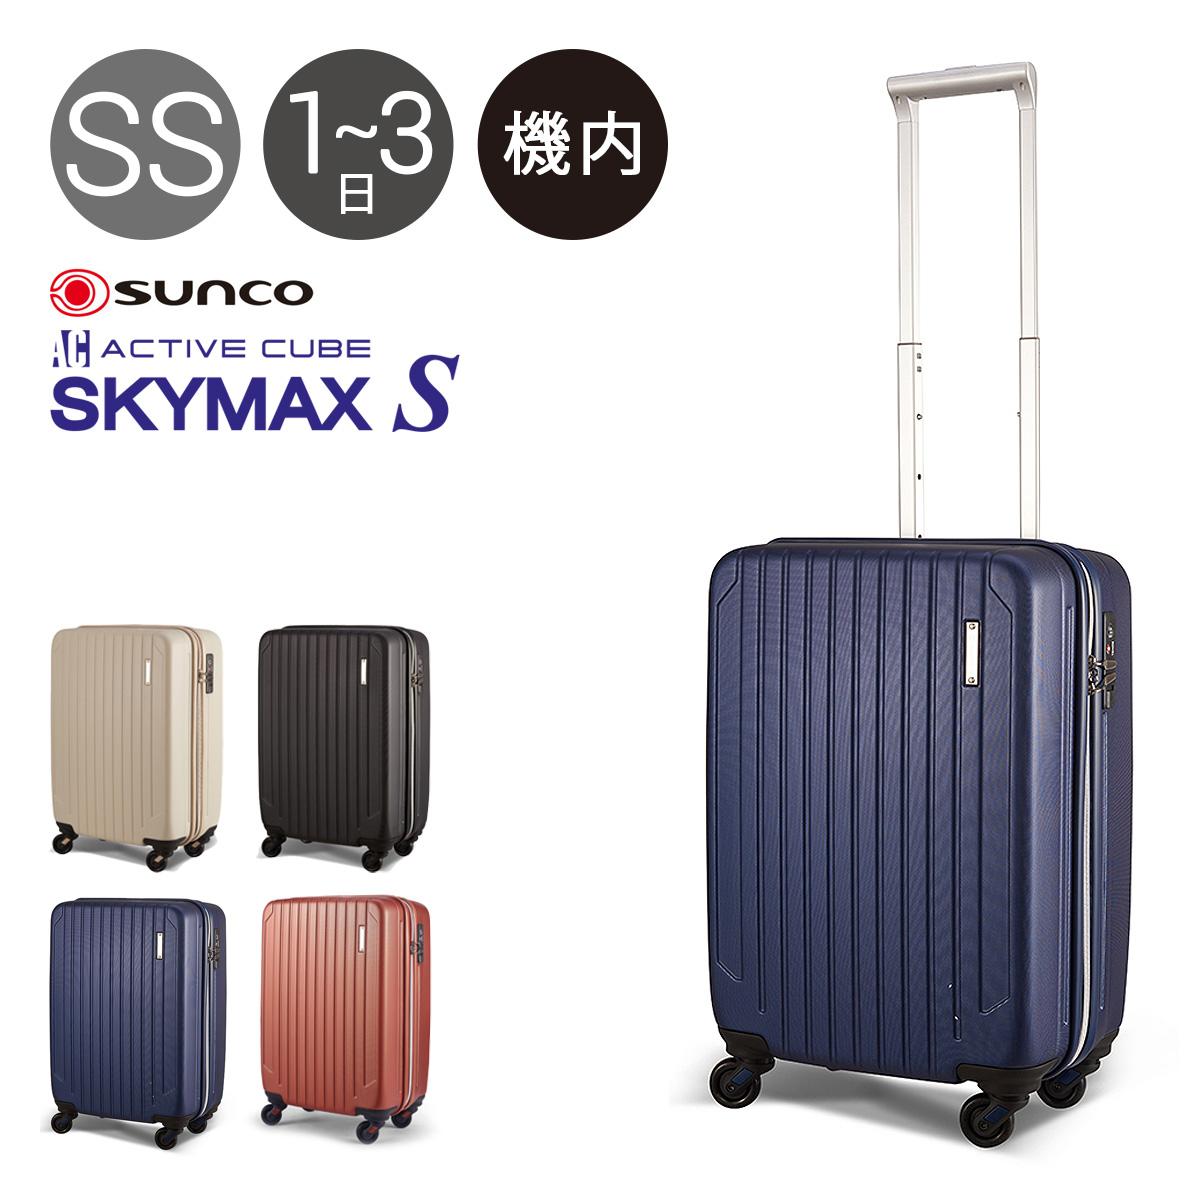 サンコー SUNCO スーツケース SAAS-50 50cm 【 ACTIVE CUBE SKYMAX-S スカイマックス 】【 キャリーケース キャリーバッグ 機内持ち込み可 TSAロック搭載 】[PO10][bef][即日発送]